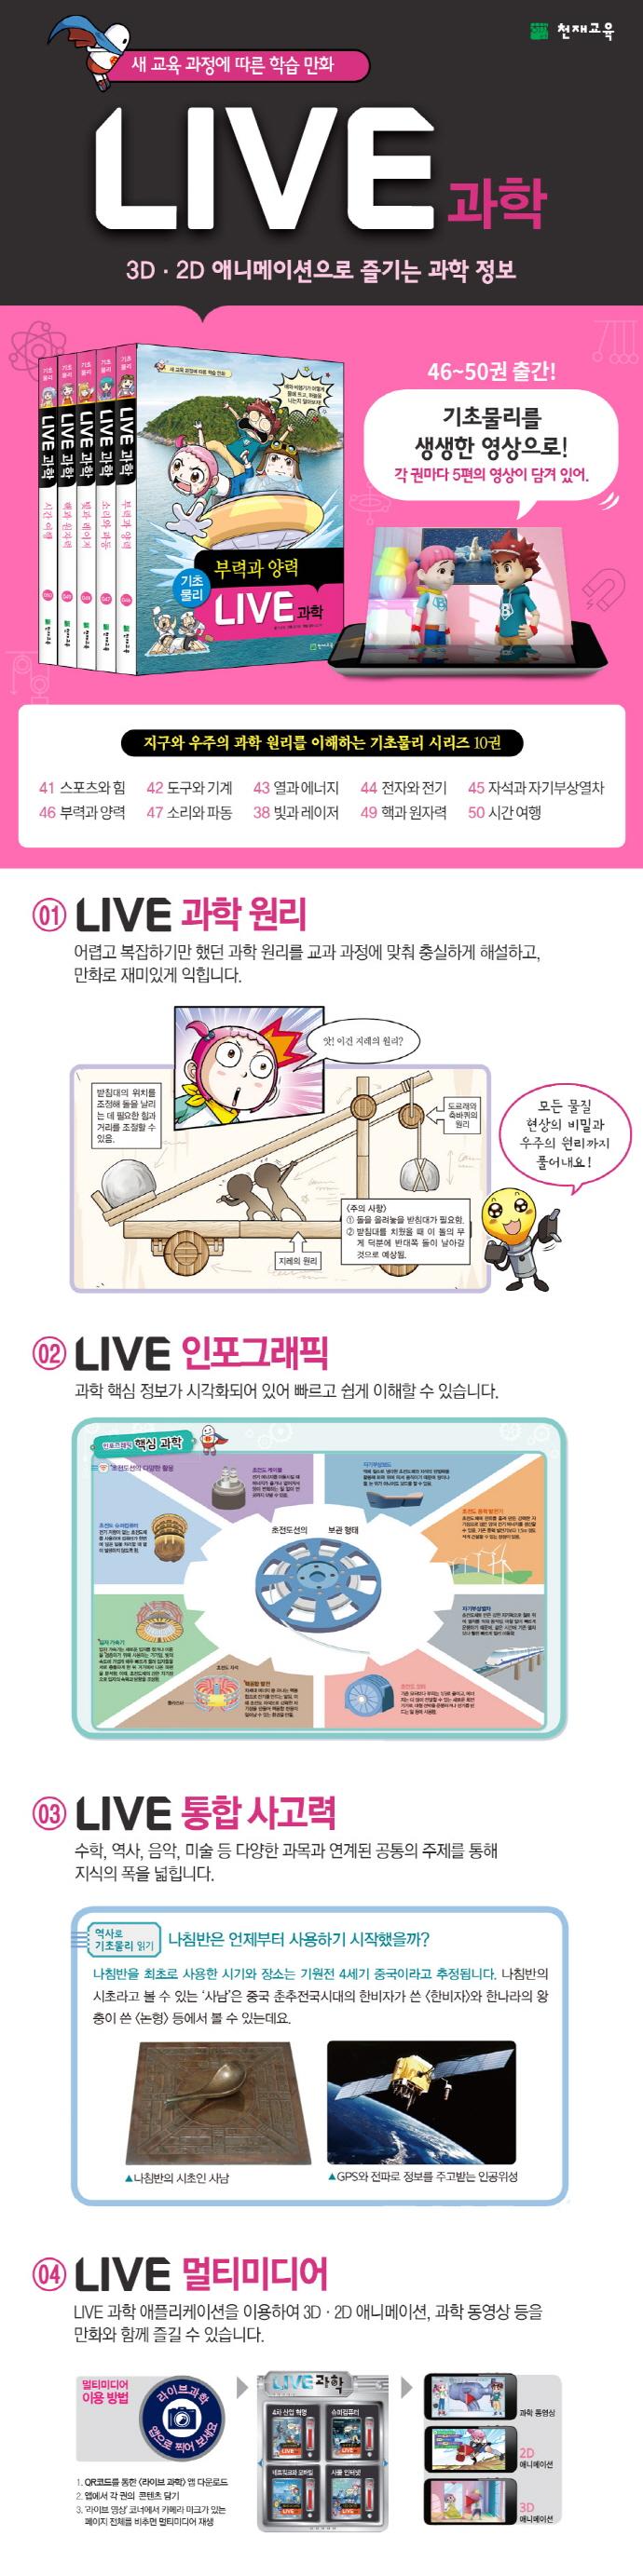 Live 과학. 50: 시간 여행(양장본 HardCover) 도서 상세이미지